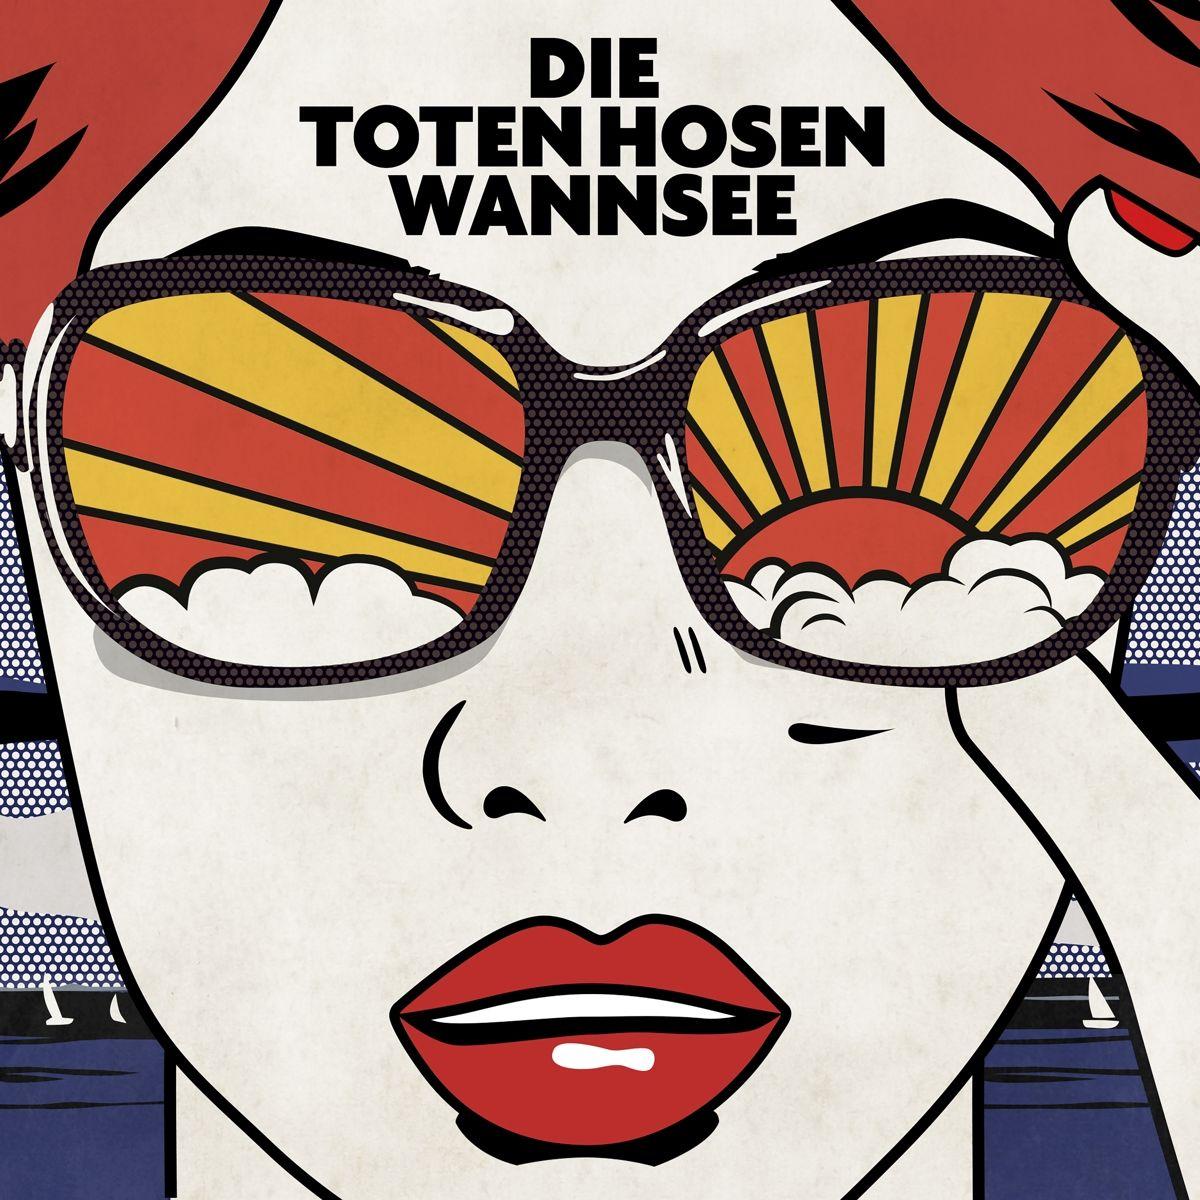 ungleich in der Leistung laest technology Farbbrillanz Die Toten Hosen - Wannsee - hitparade.ch